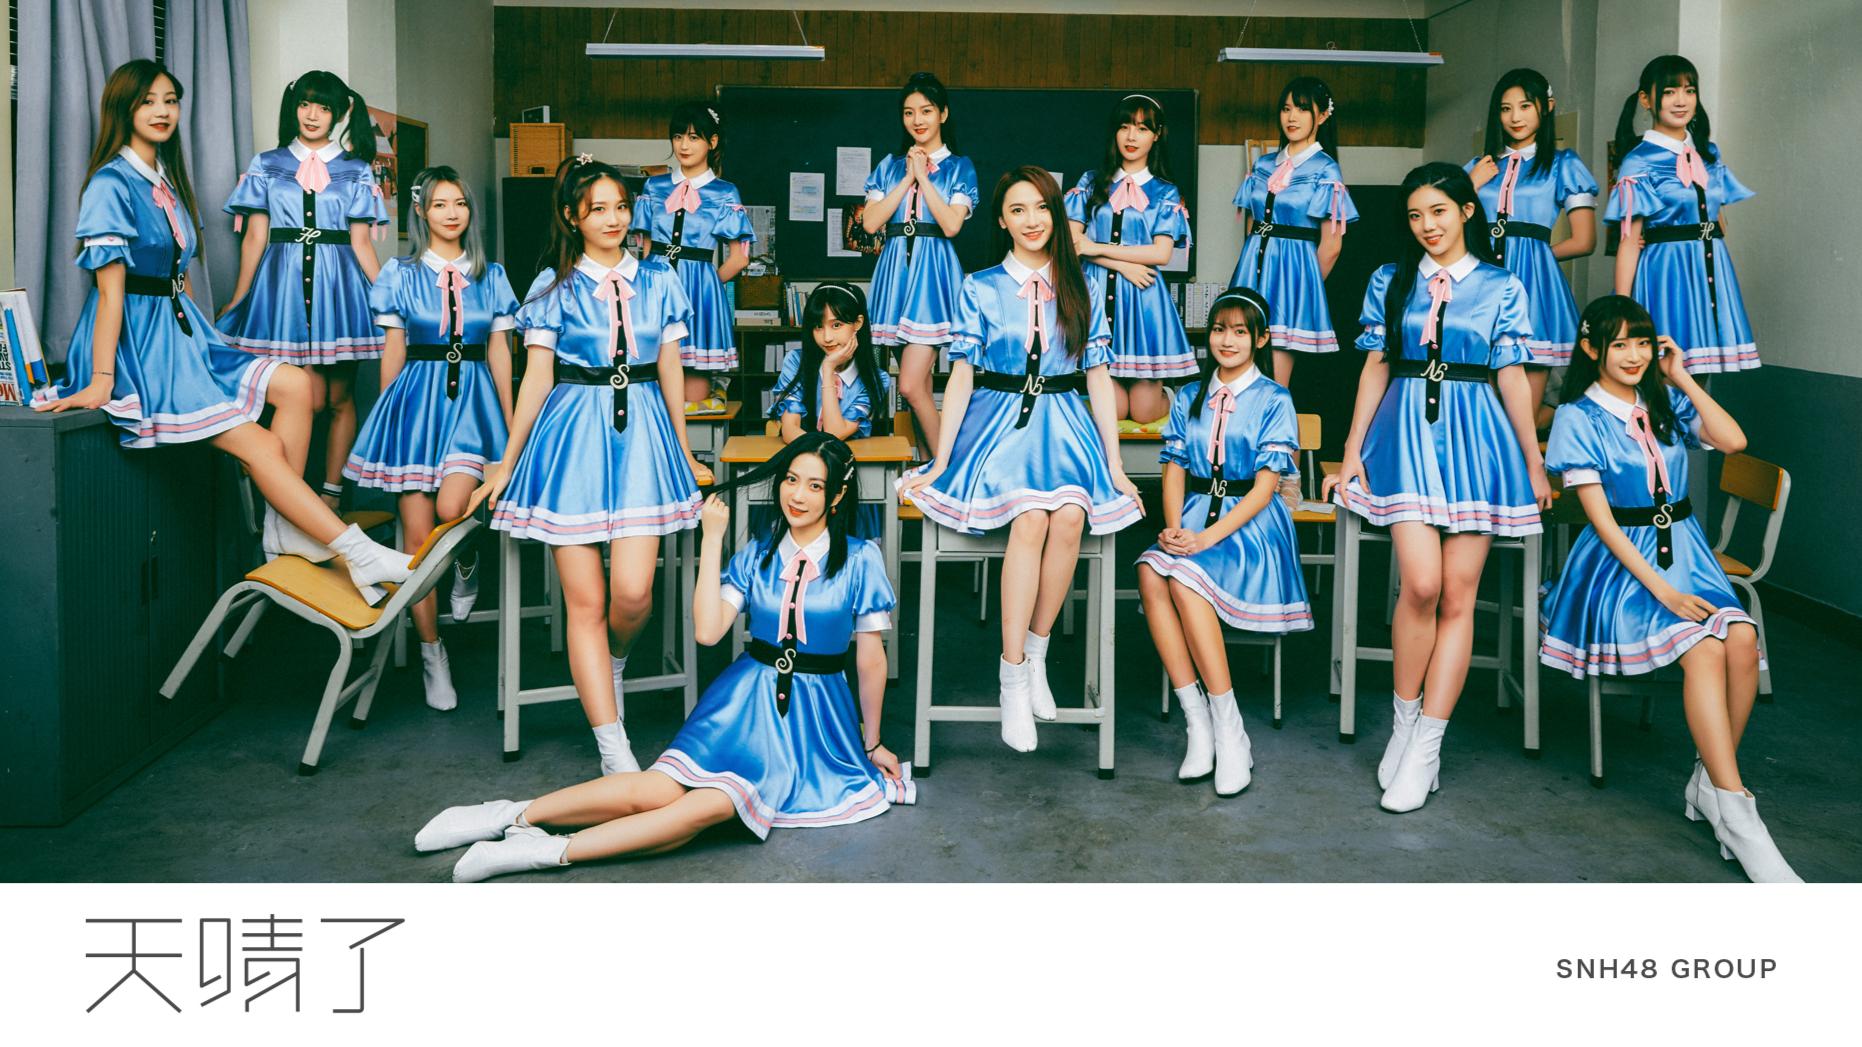 【SNH48 GROUP】第七届偶像年度人气总决选专属应援EP主打曲《天晴了》MV对嘴版